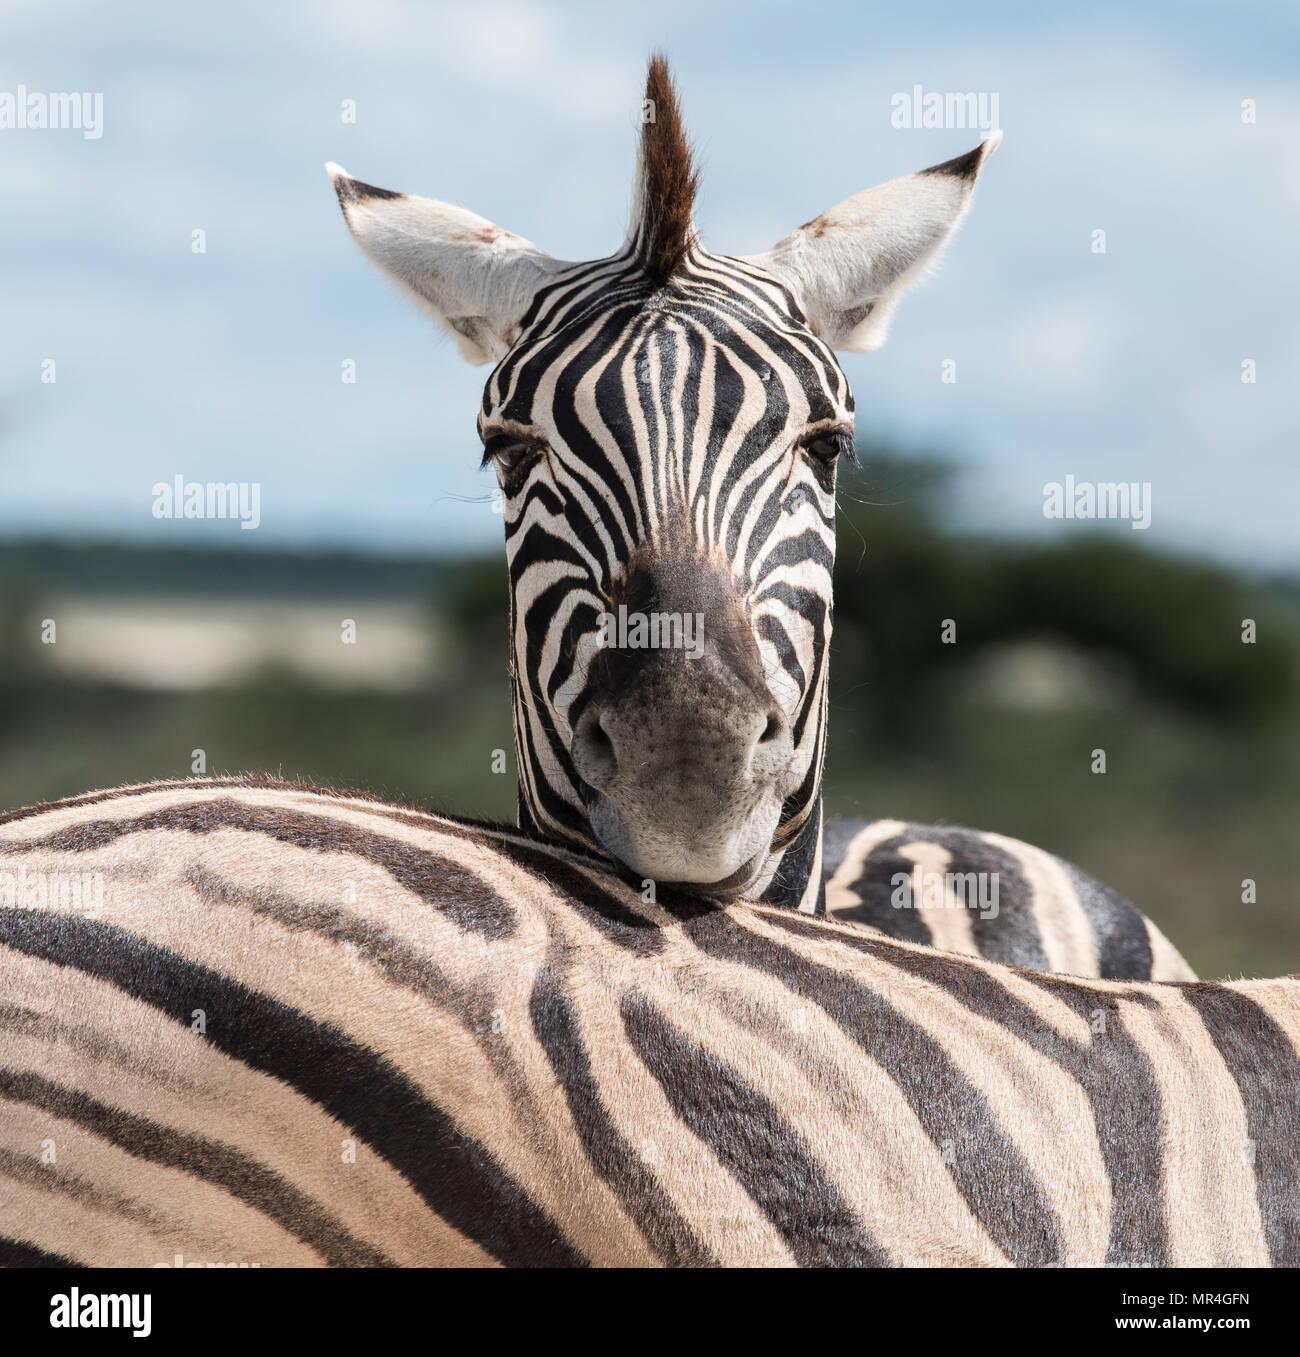 Plains Zebra Seen at Etosha National Park, Namibia - Stock Image